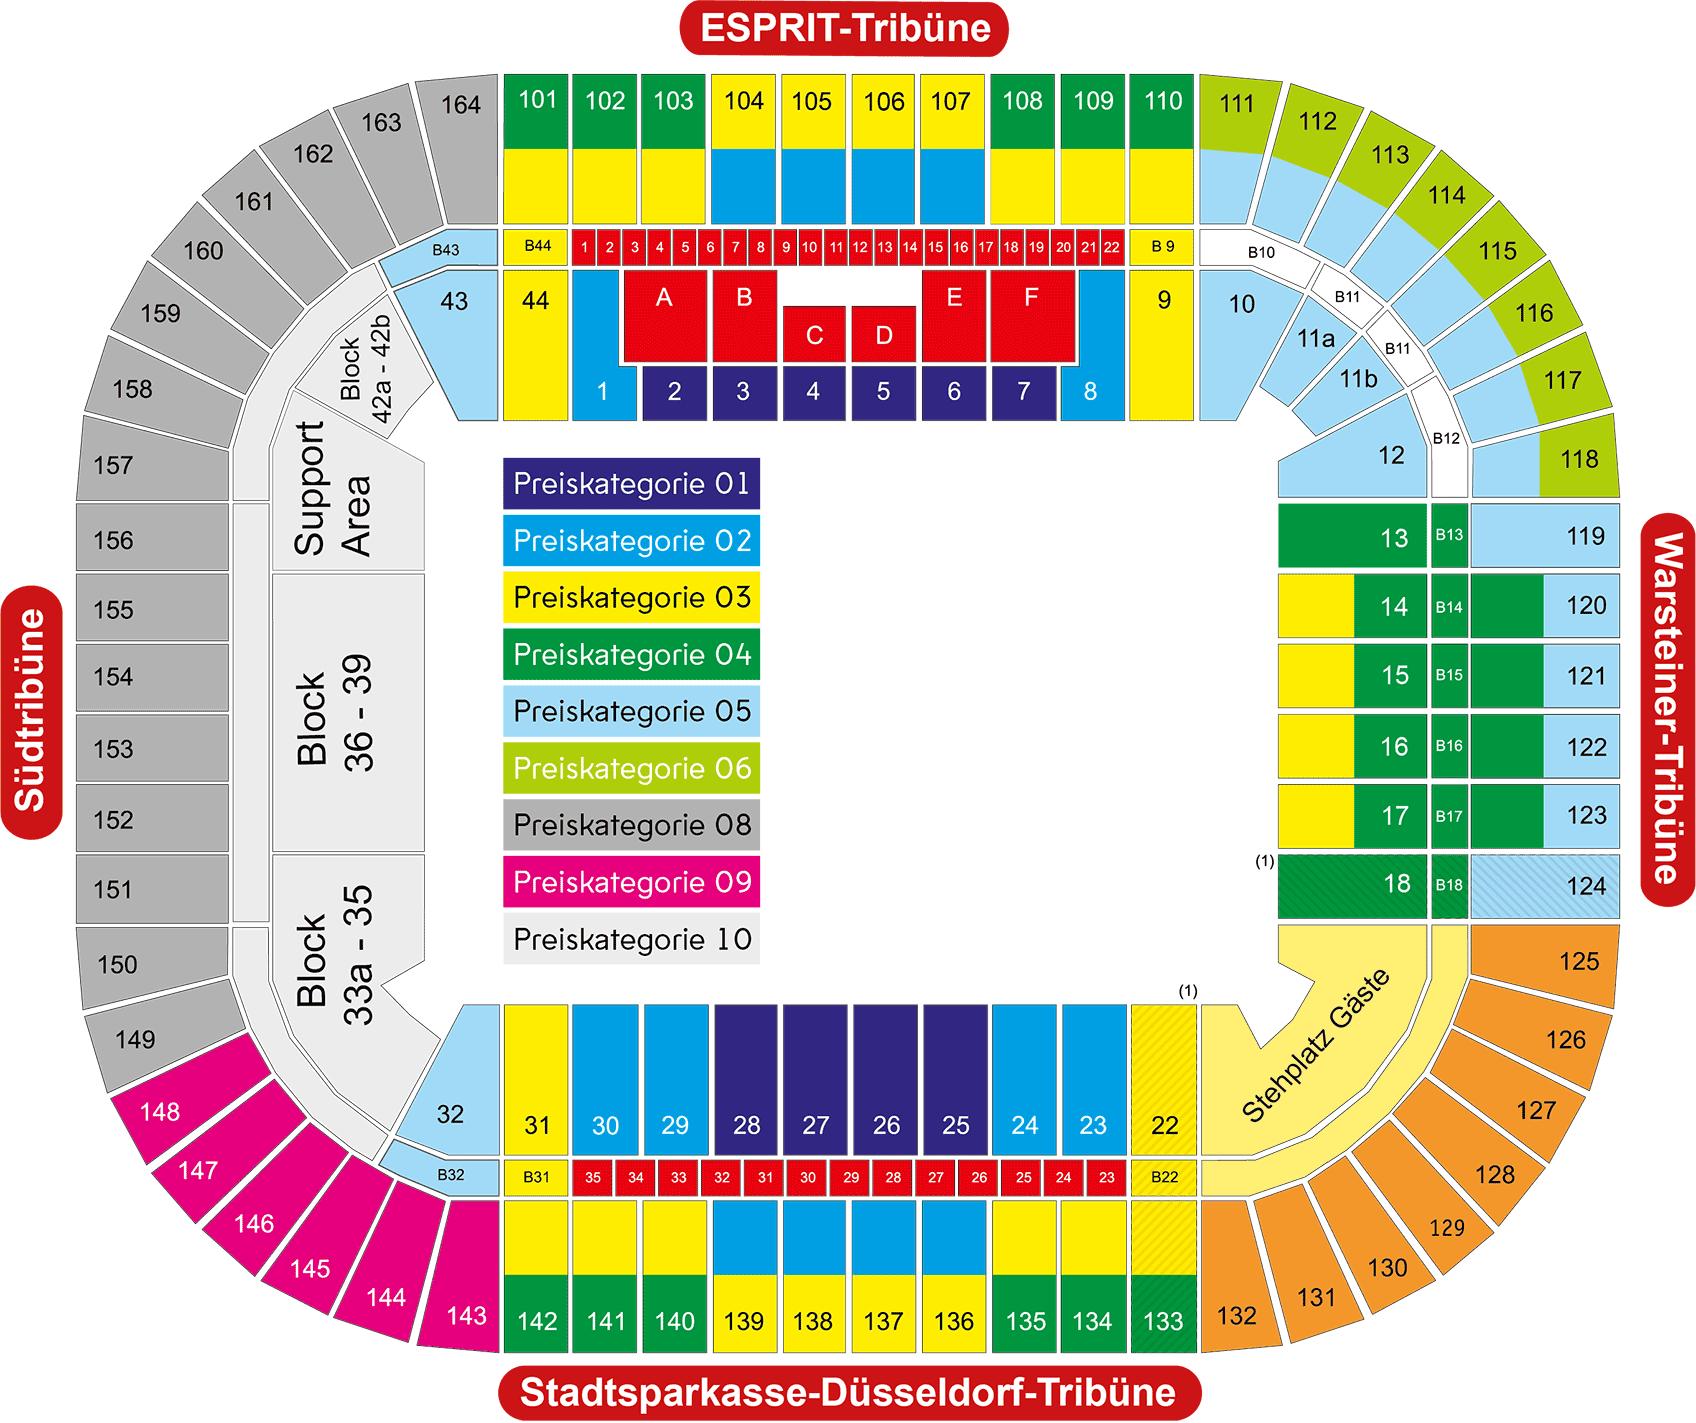 Merkur Spiel-Arena DГјГџeldorf